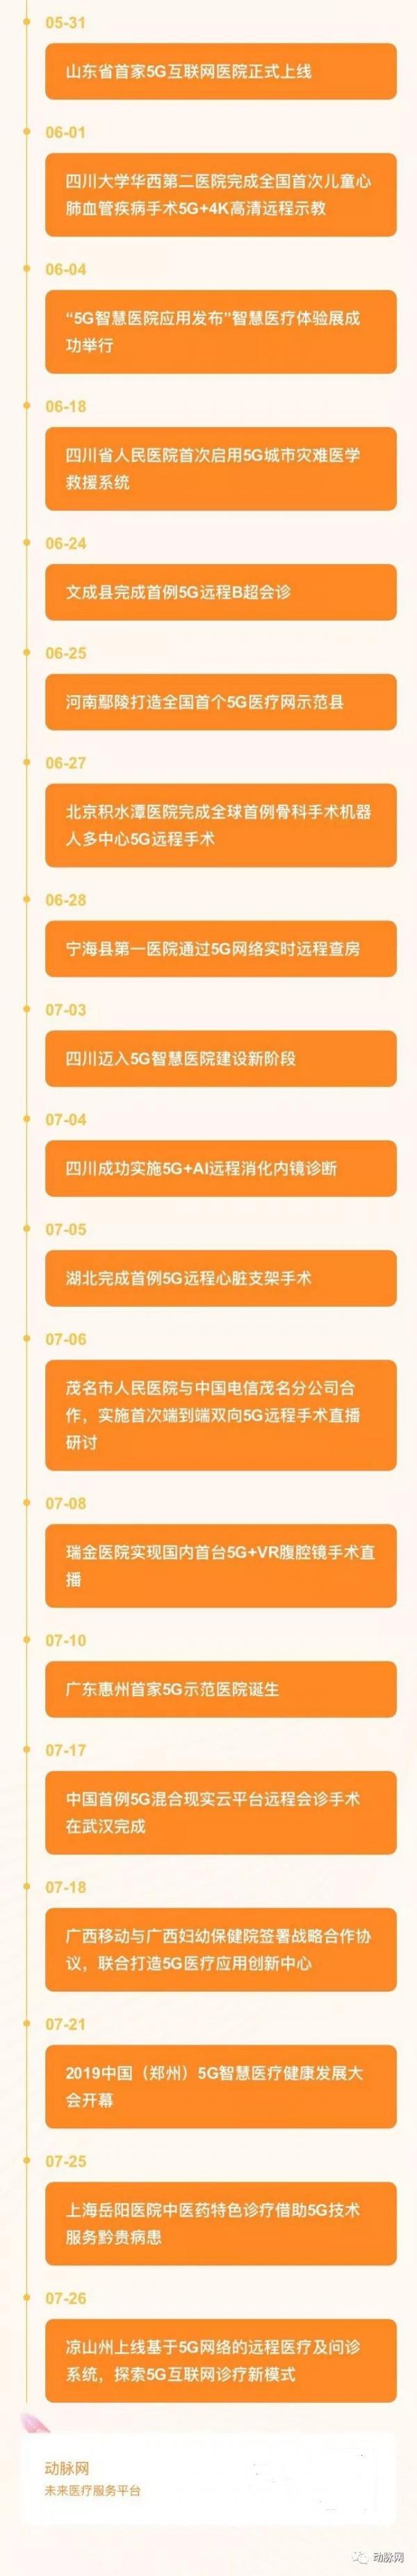 2019年50个5G+医疗落地大事件